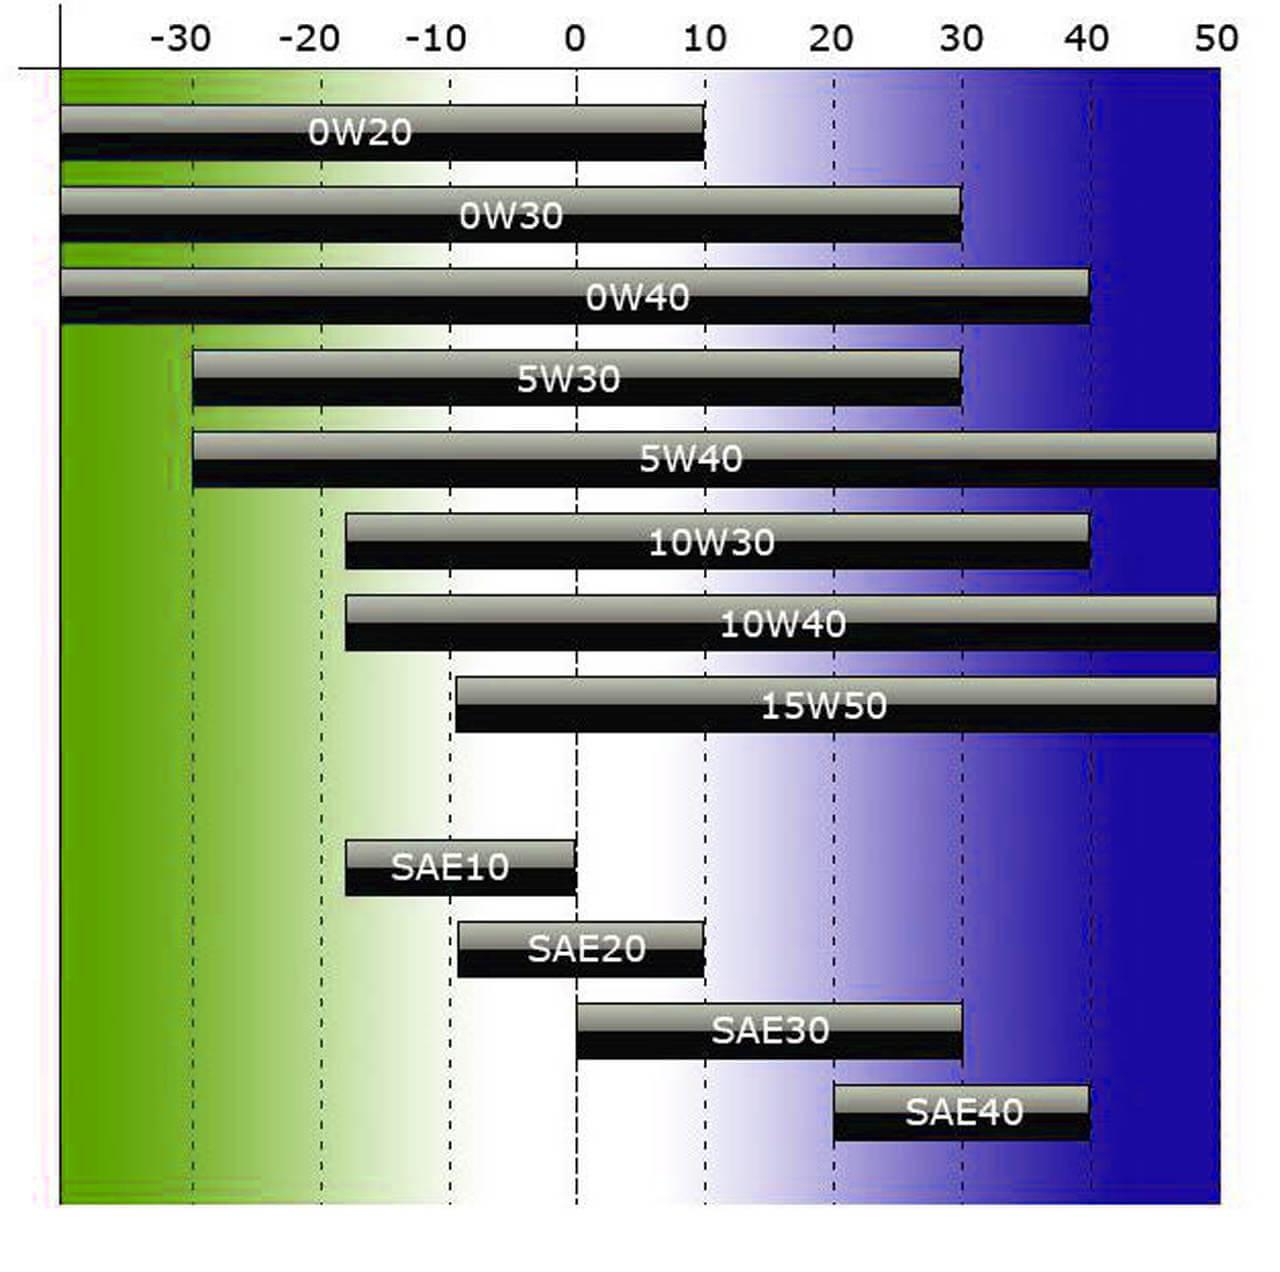 Полная таблица вязкости моторных масел. Вязкость моторного масла автомобиля в таблице